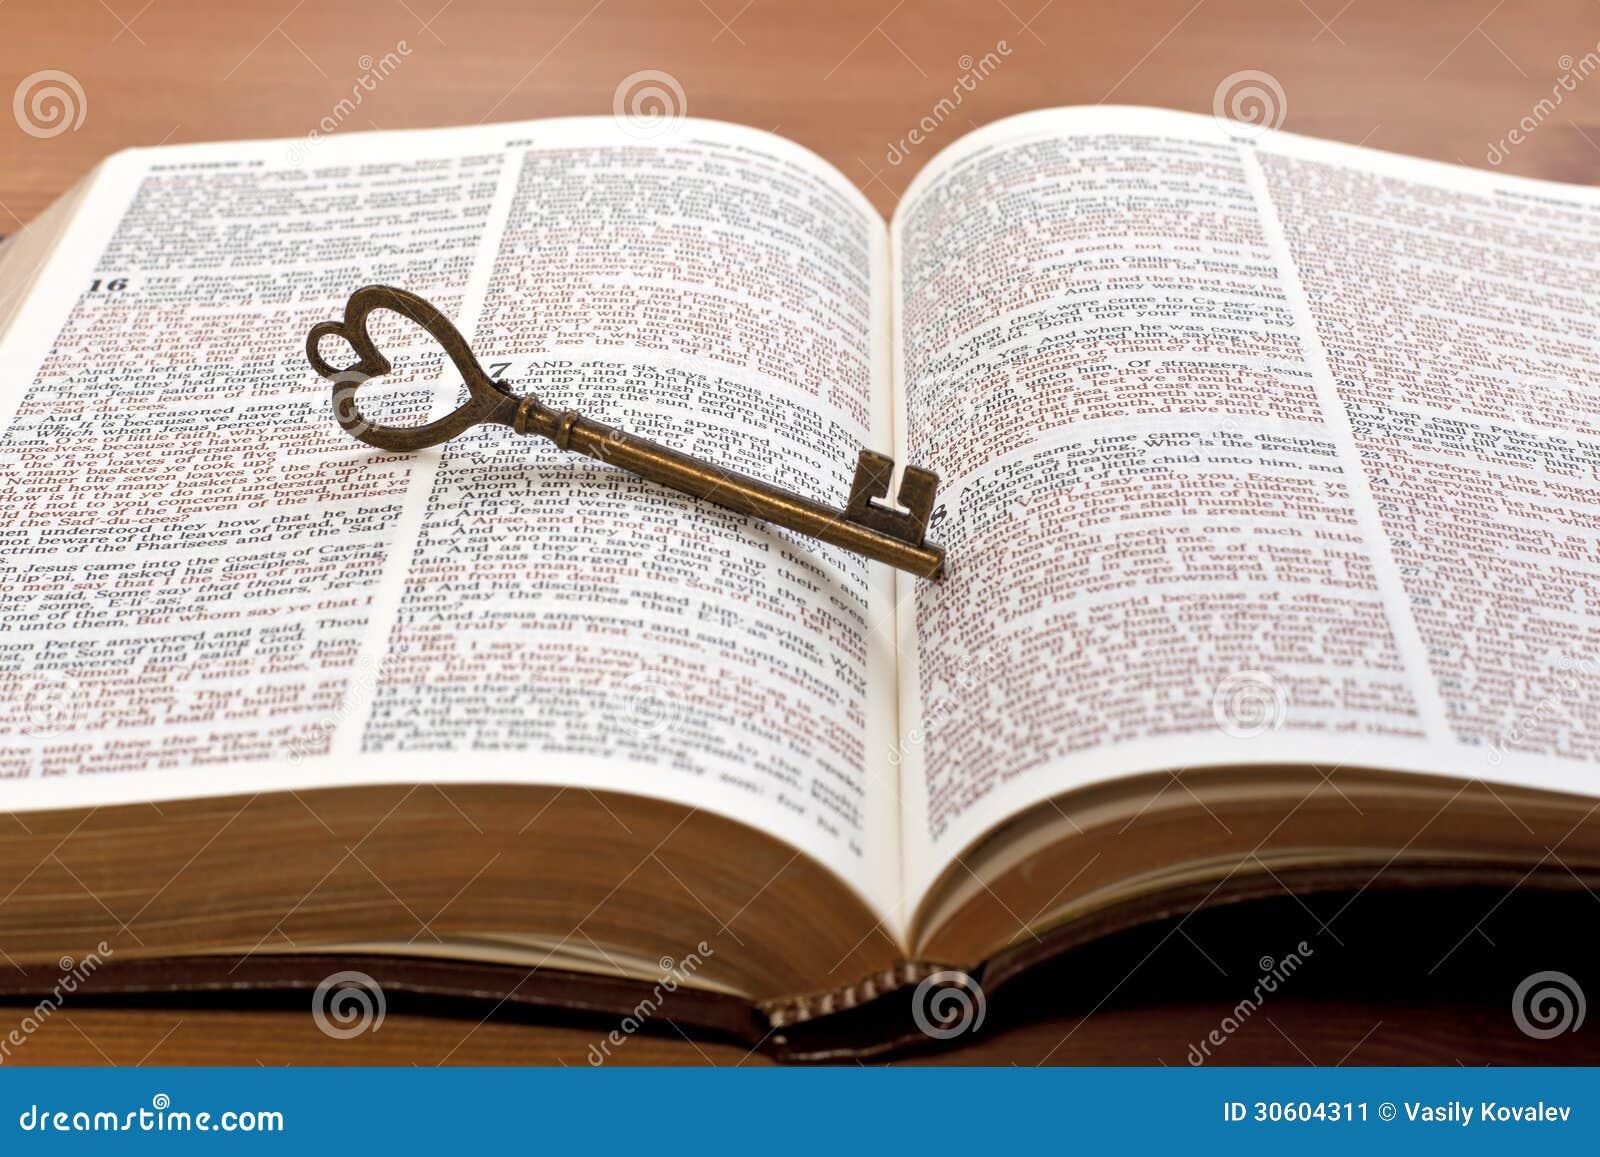 Llave en la p gina de la biblia imagen de archivo imagen - La llave del hogar ...